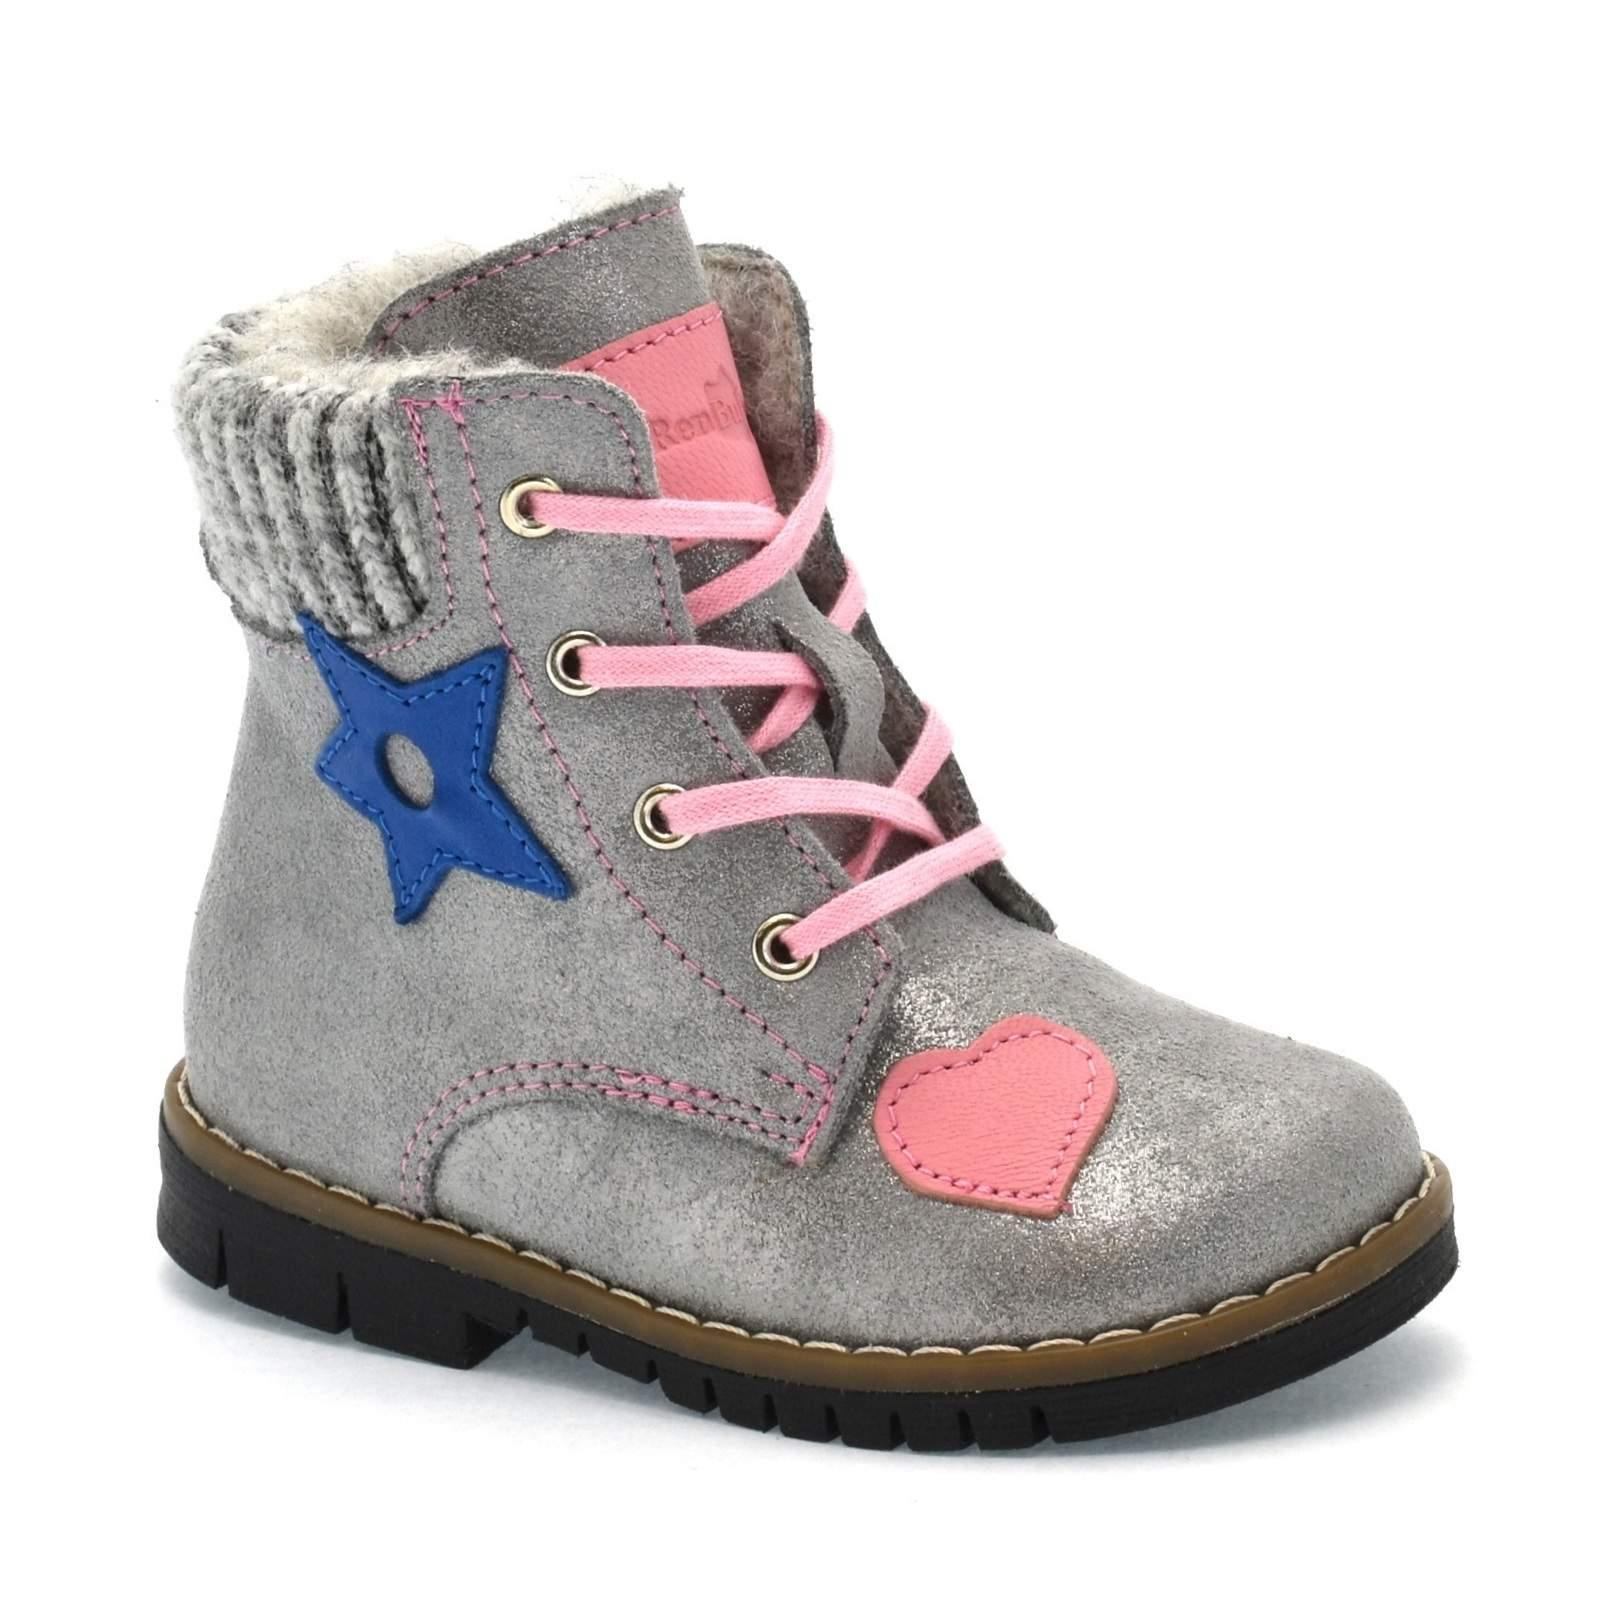 9a4cd81b Dziecięce buty zimowe RenBut 12-1508 Kliknij, aby powiększyć ...